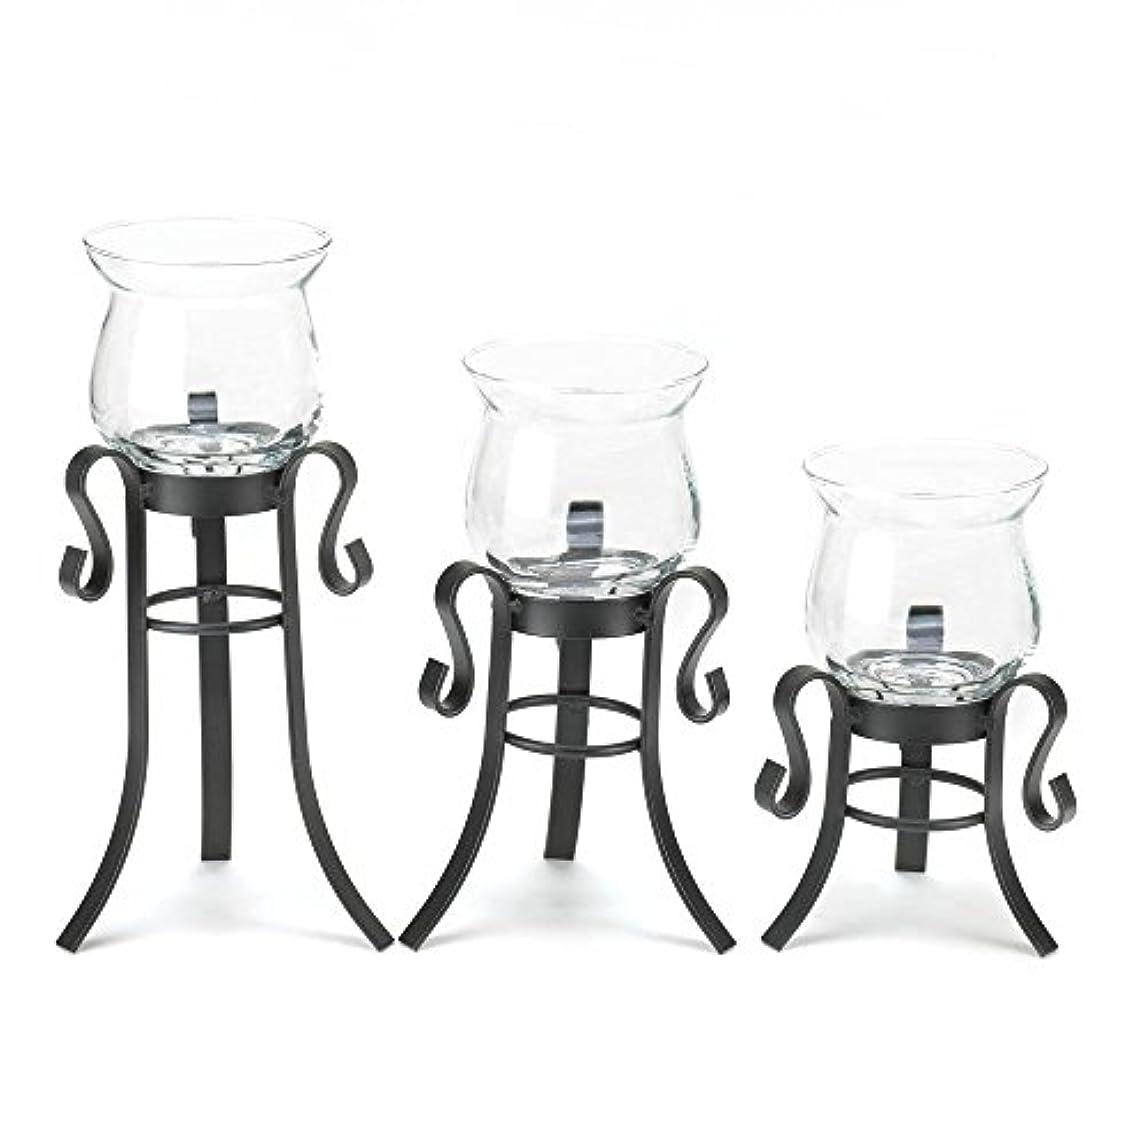 テーブルを設定する住所染料アンティークガラスキャンドルホルダー、小さな装飾Allureのセット3キャンドルホルダー